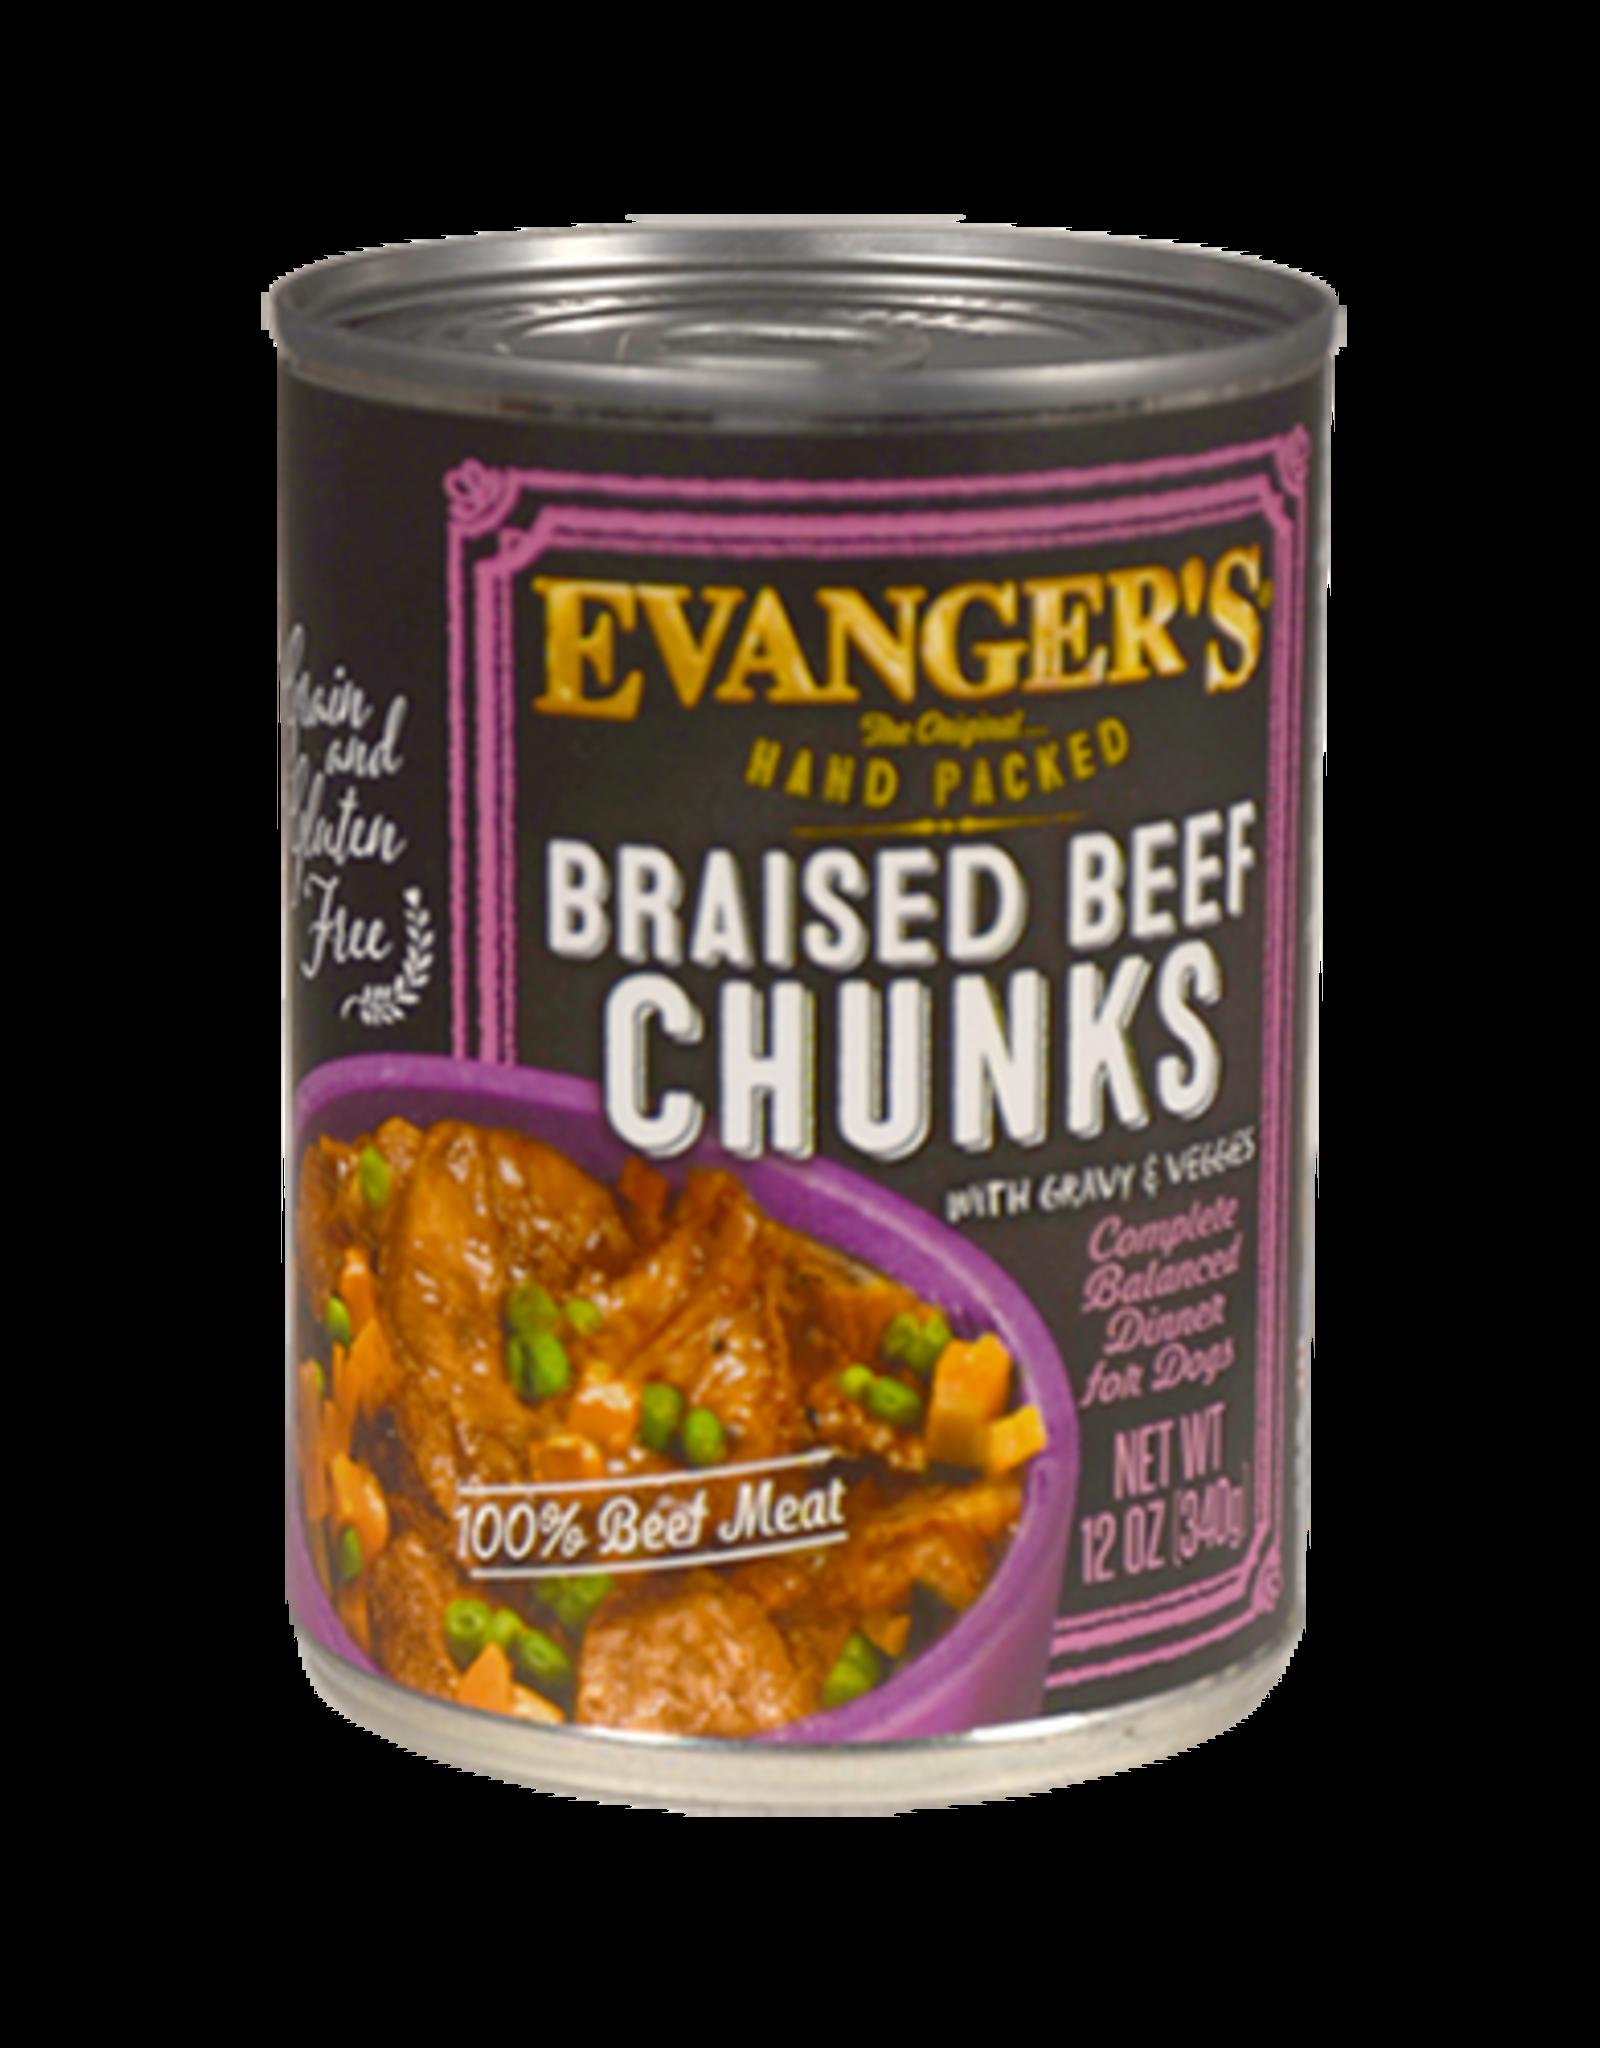 EVANGER'S EVANGERS HP BRAISED BEEF CHUNKS W/ GRAVY 13OZ CASE OF 12